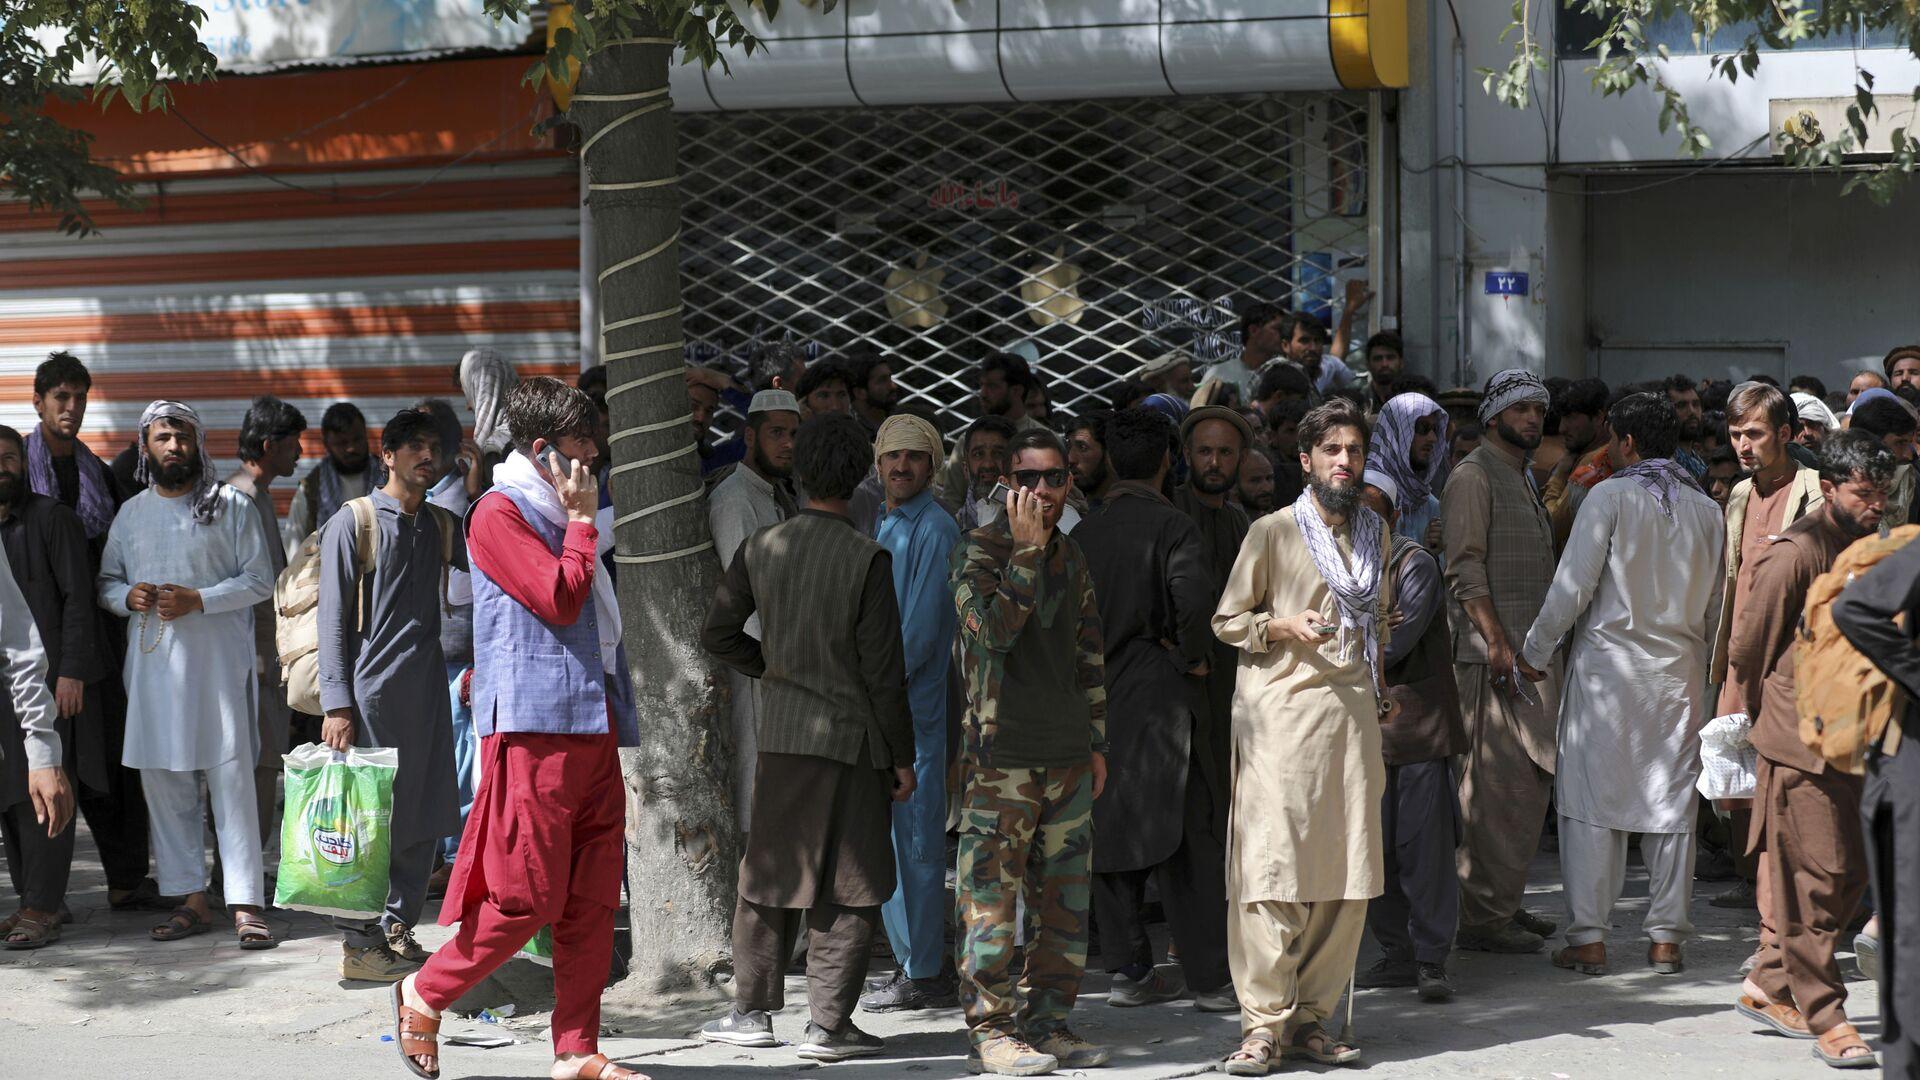 Афганцы в очереди в банк в Кабуле  - Sputnik Polska, 1920, 25.08.2021